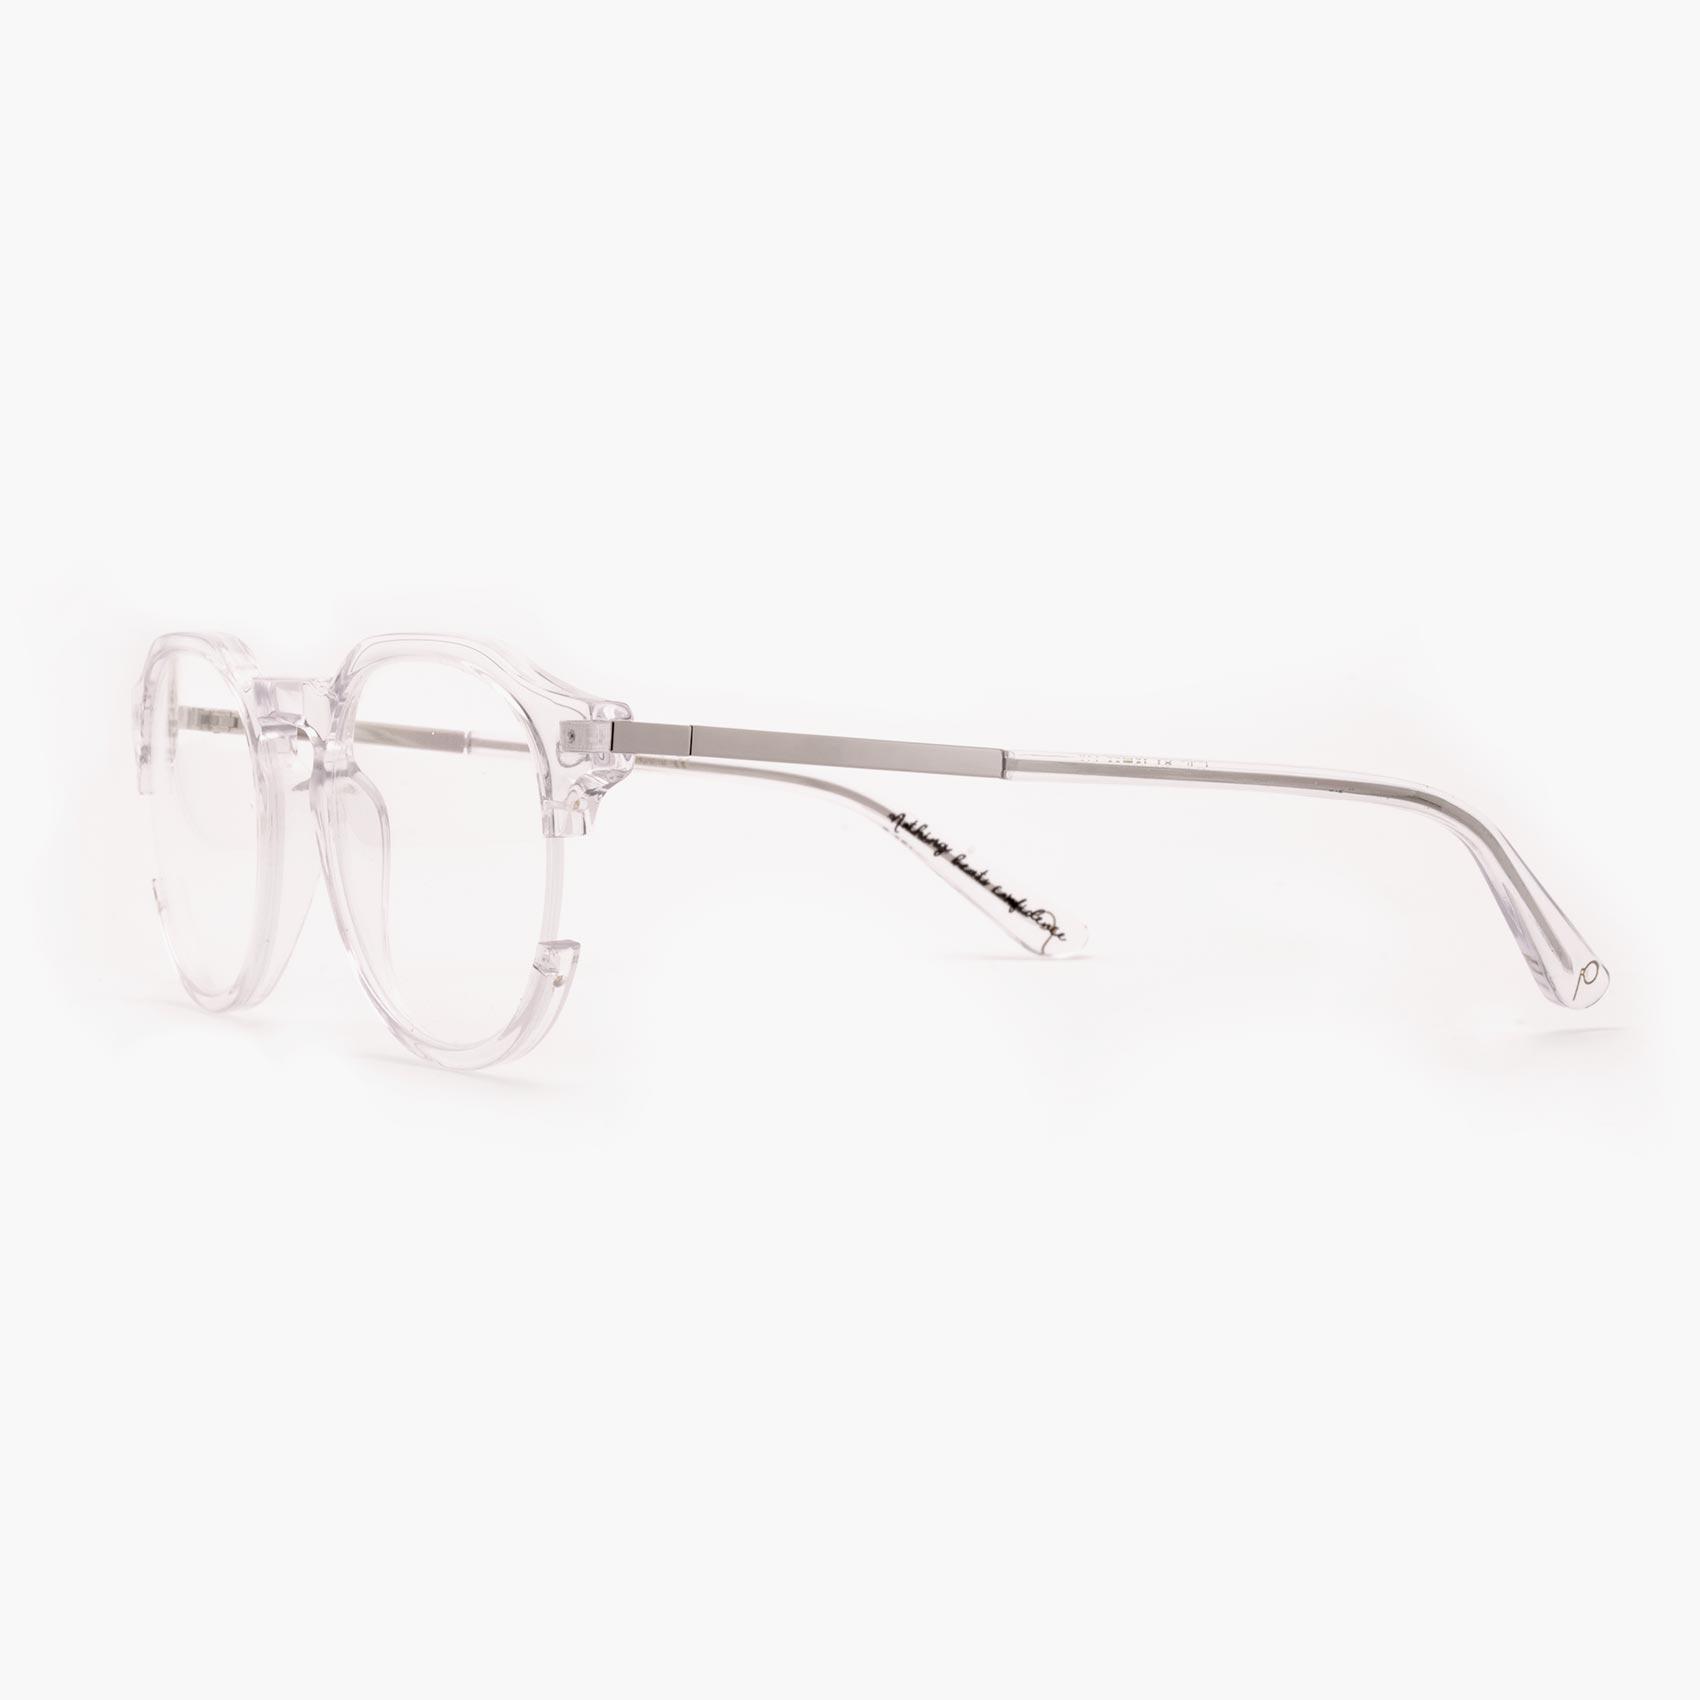 Proud eyewear Jodie C4 L montura gafas mujer transparentes